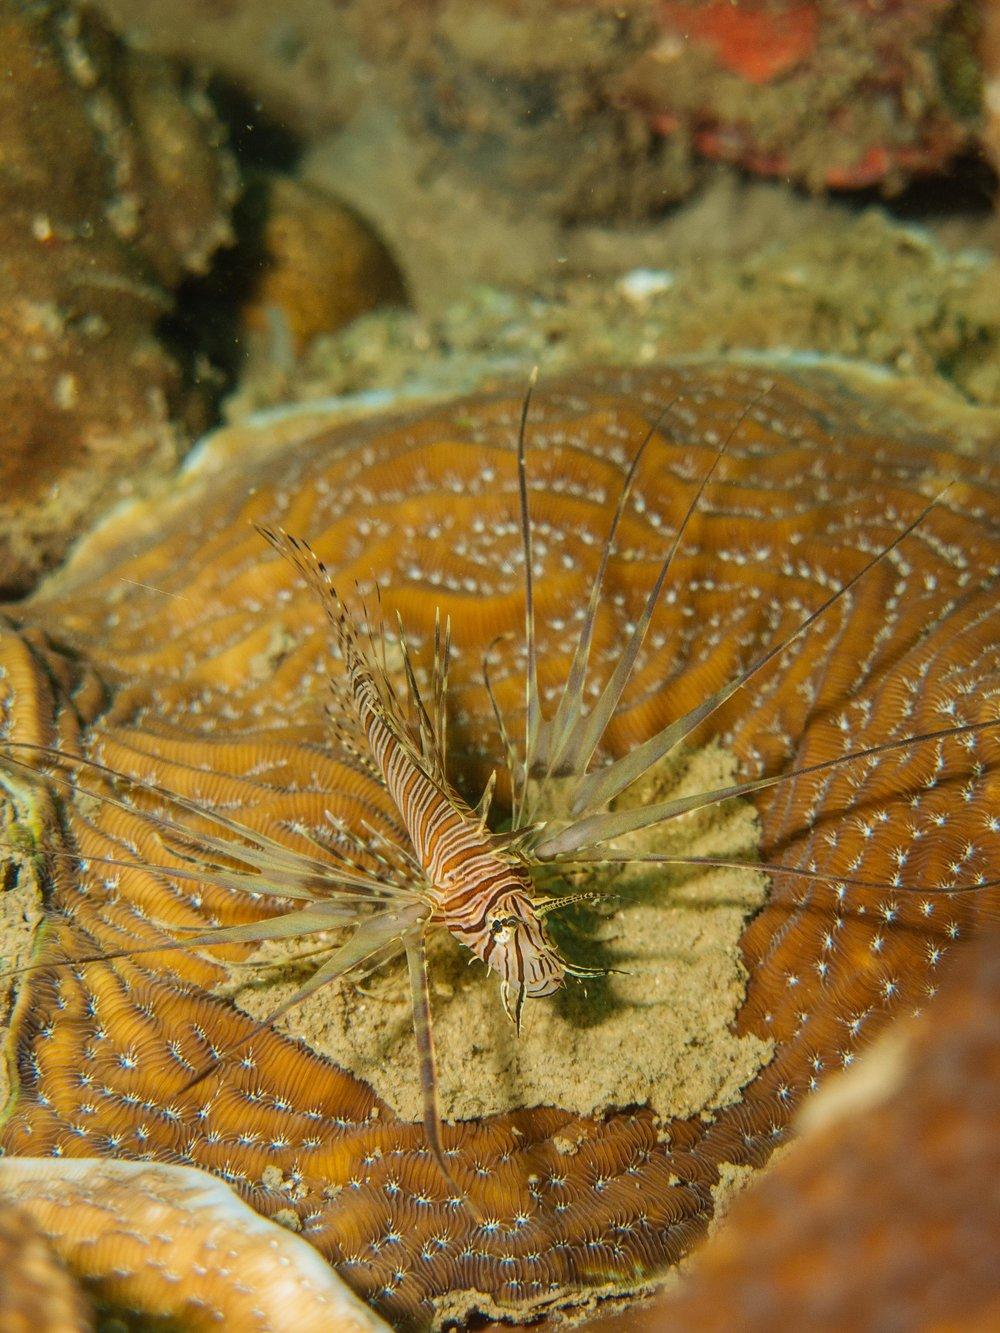 Juvenile Lionfish